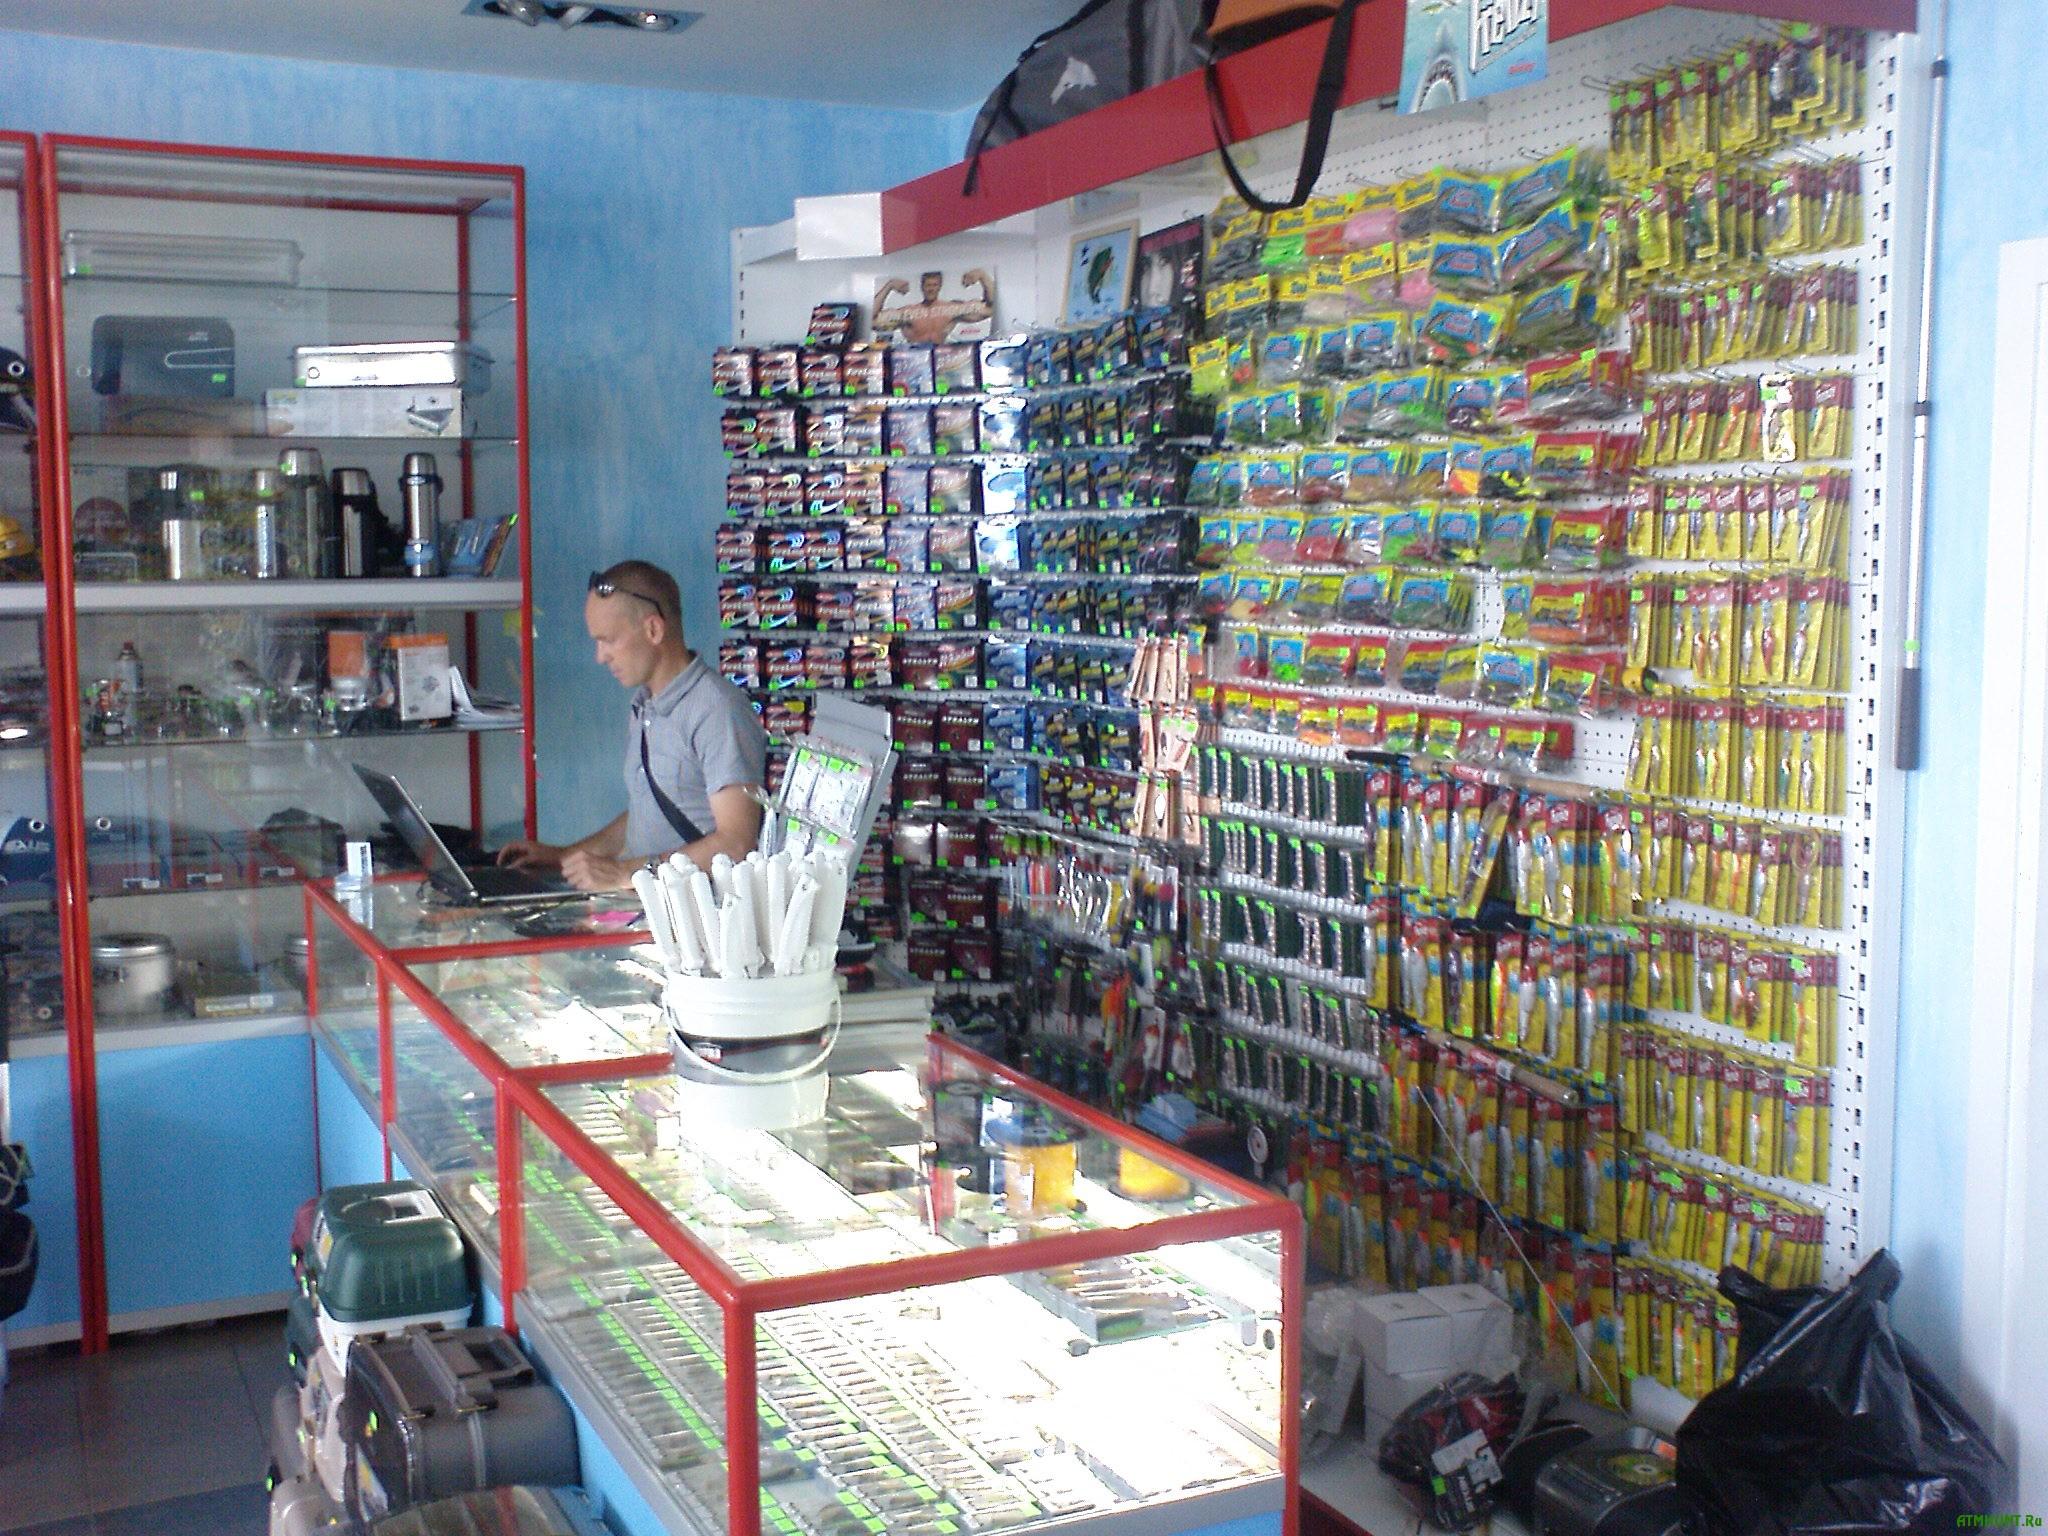 вакансии в киеве рыболовный магазин